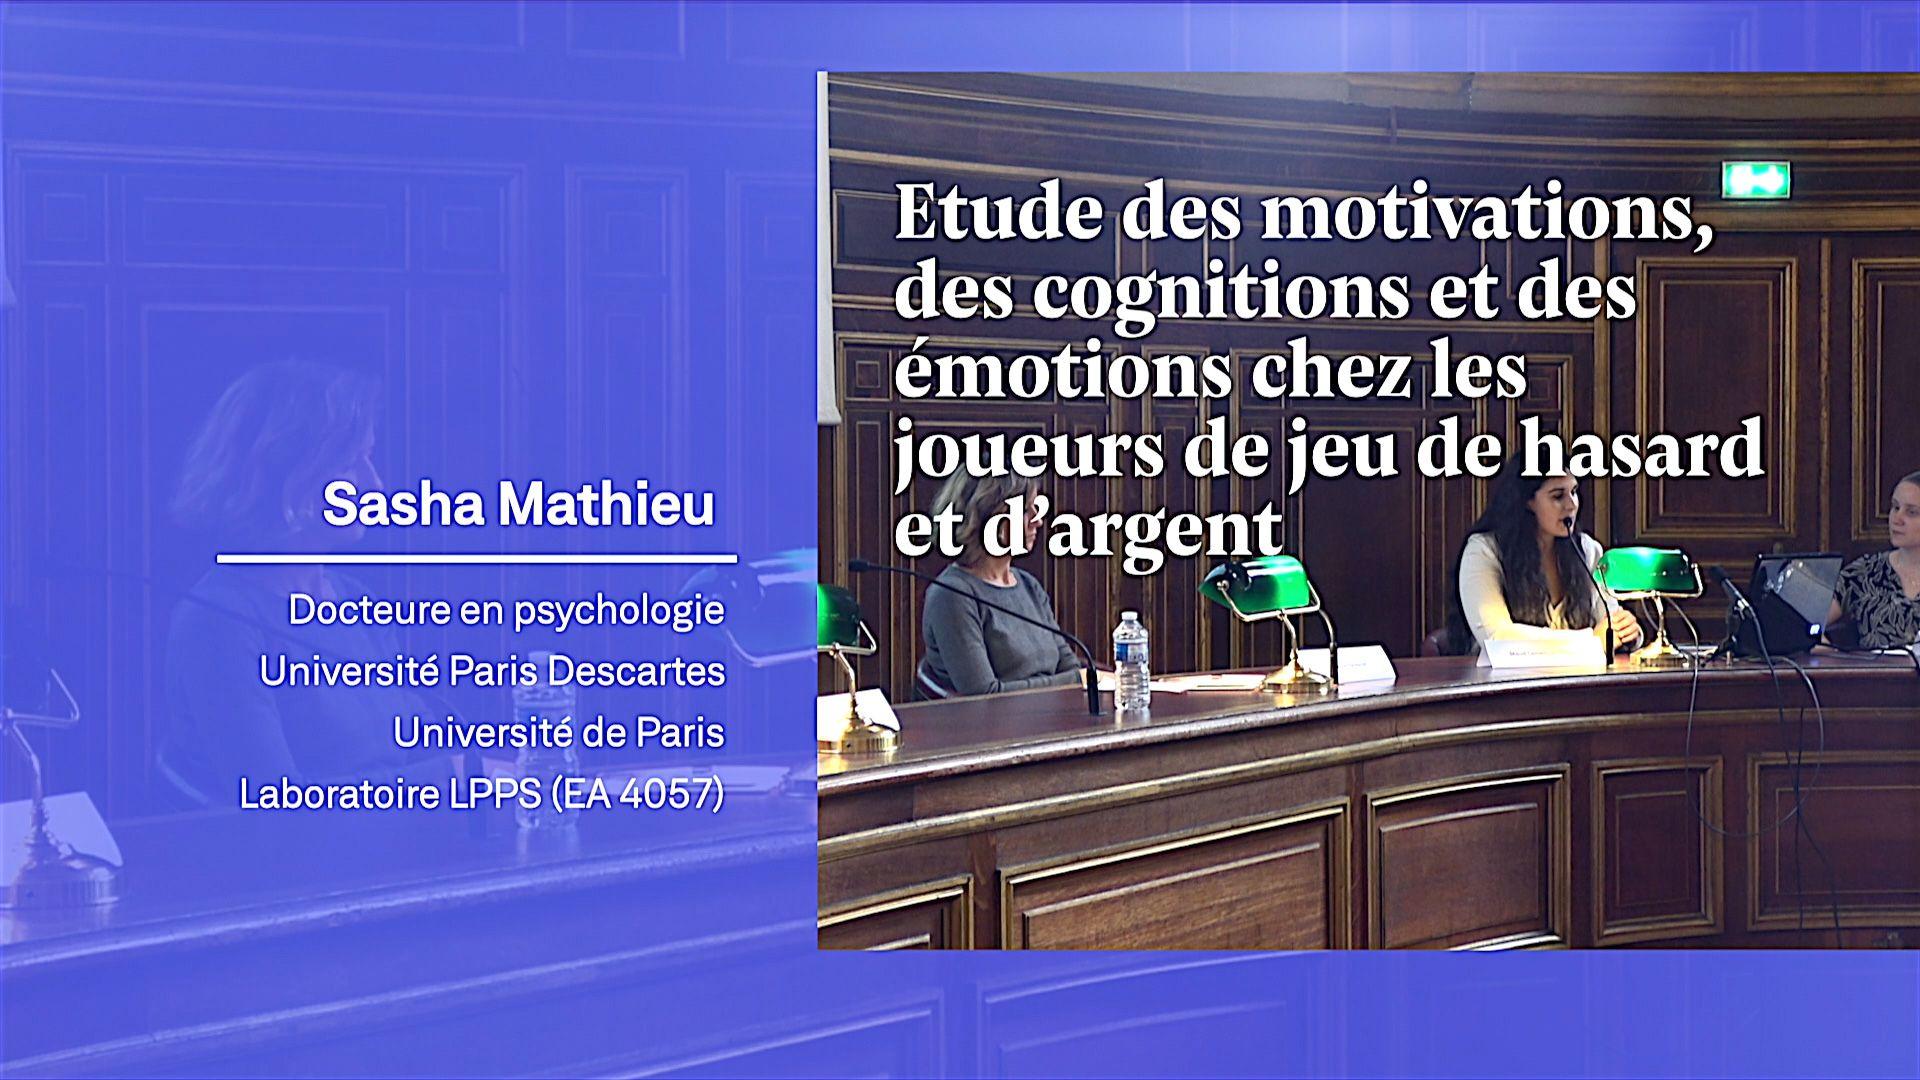 Etude des motivations, des cognitions et des émotions chez les joueurs de jeu de hasard et d'argent - Sasha Mathieu